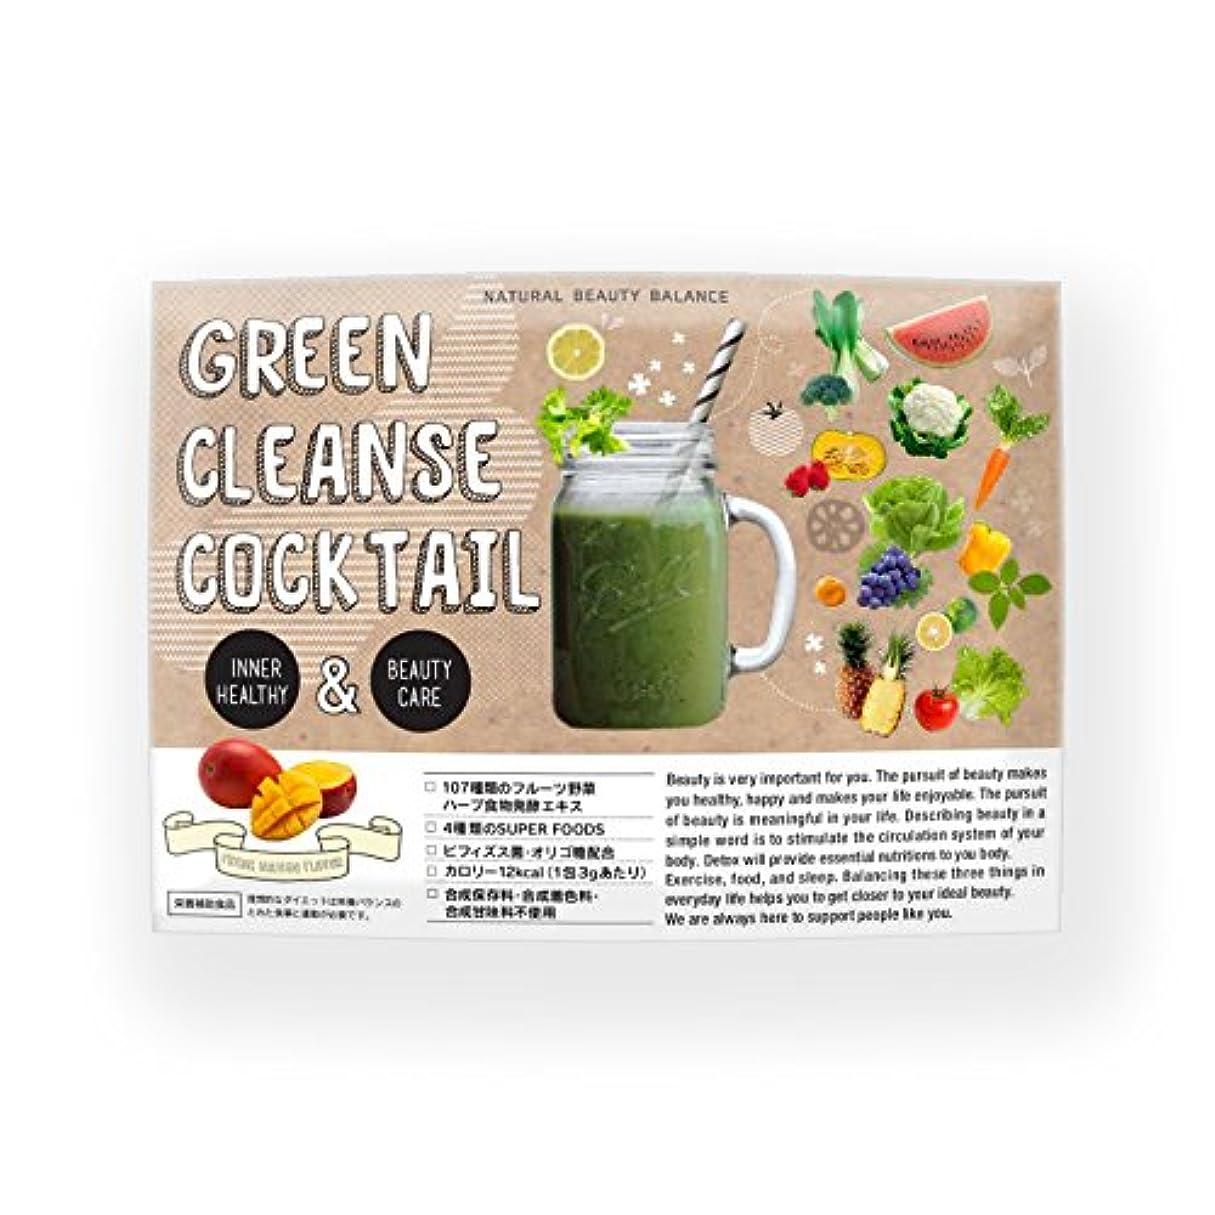 ラインナップ担保移植Natural Beauty Balance グリーンクレンズカクテル Green Cleanse Coktail ダイエット 30包